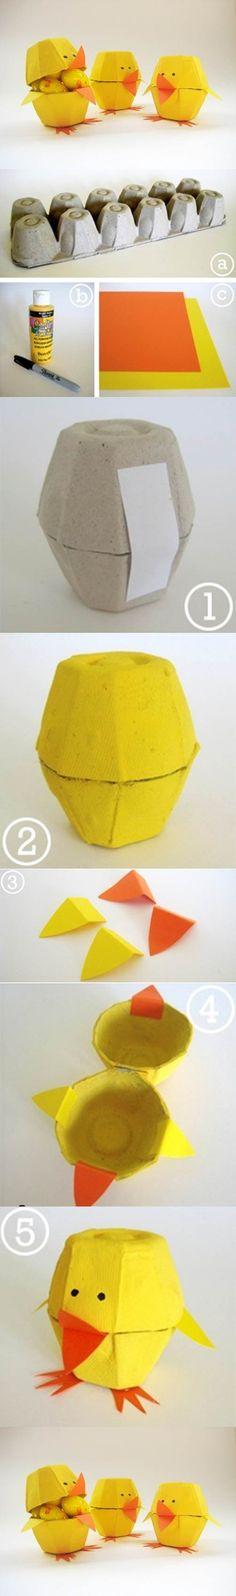 Afocal Bretagne. De jolis petits poussins pour offrir des œufs à Pâques ! Pensez à tester votre activité en amont !